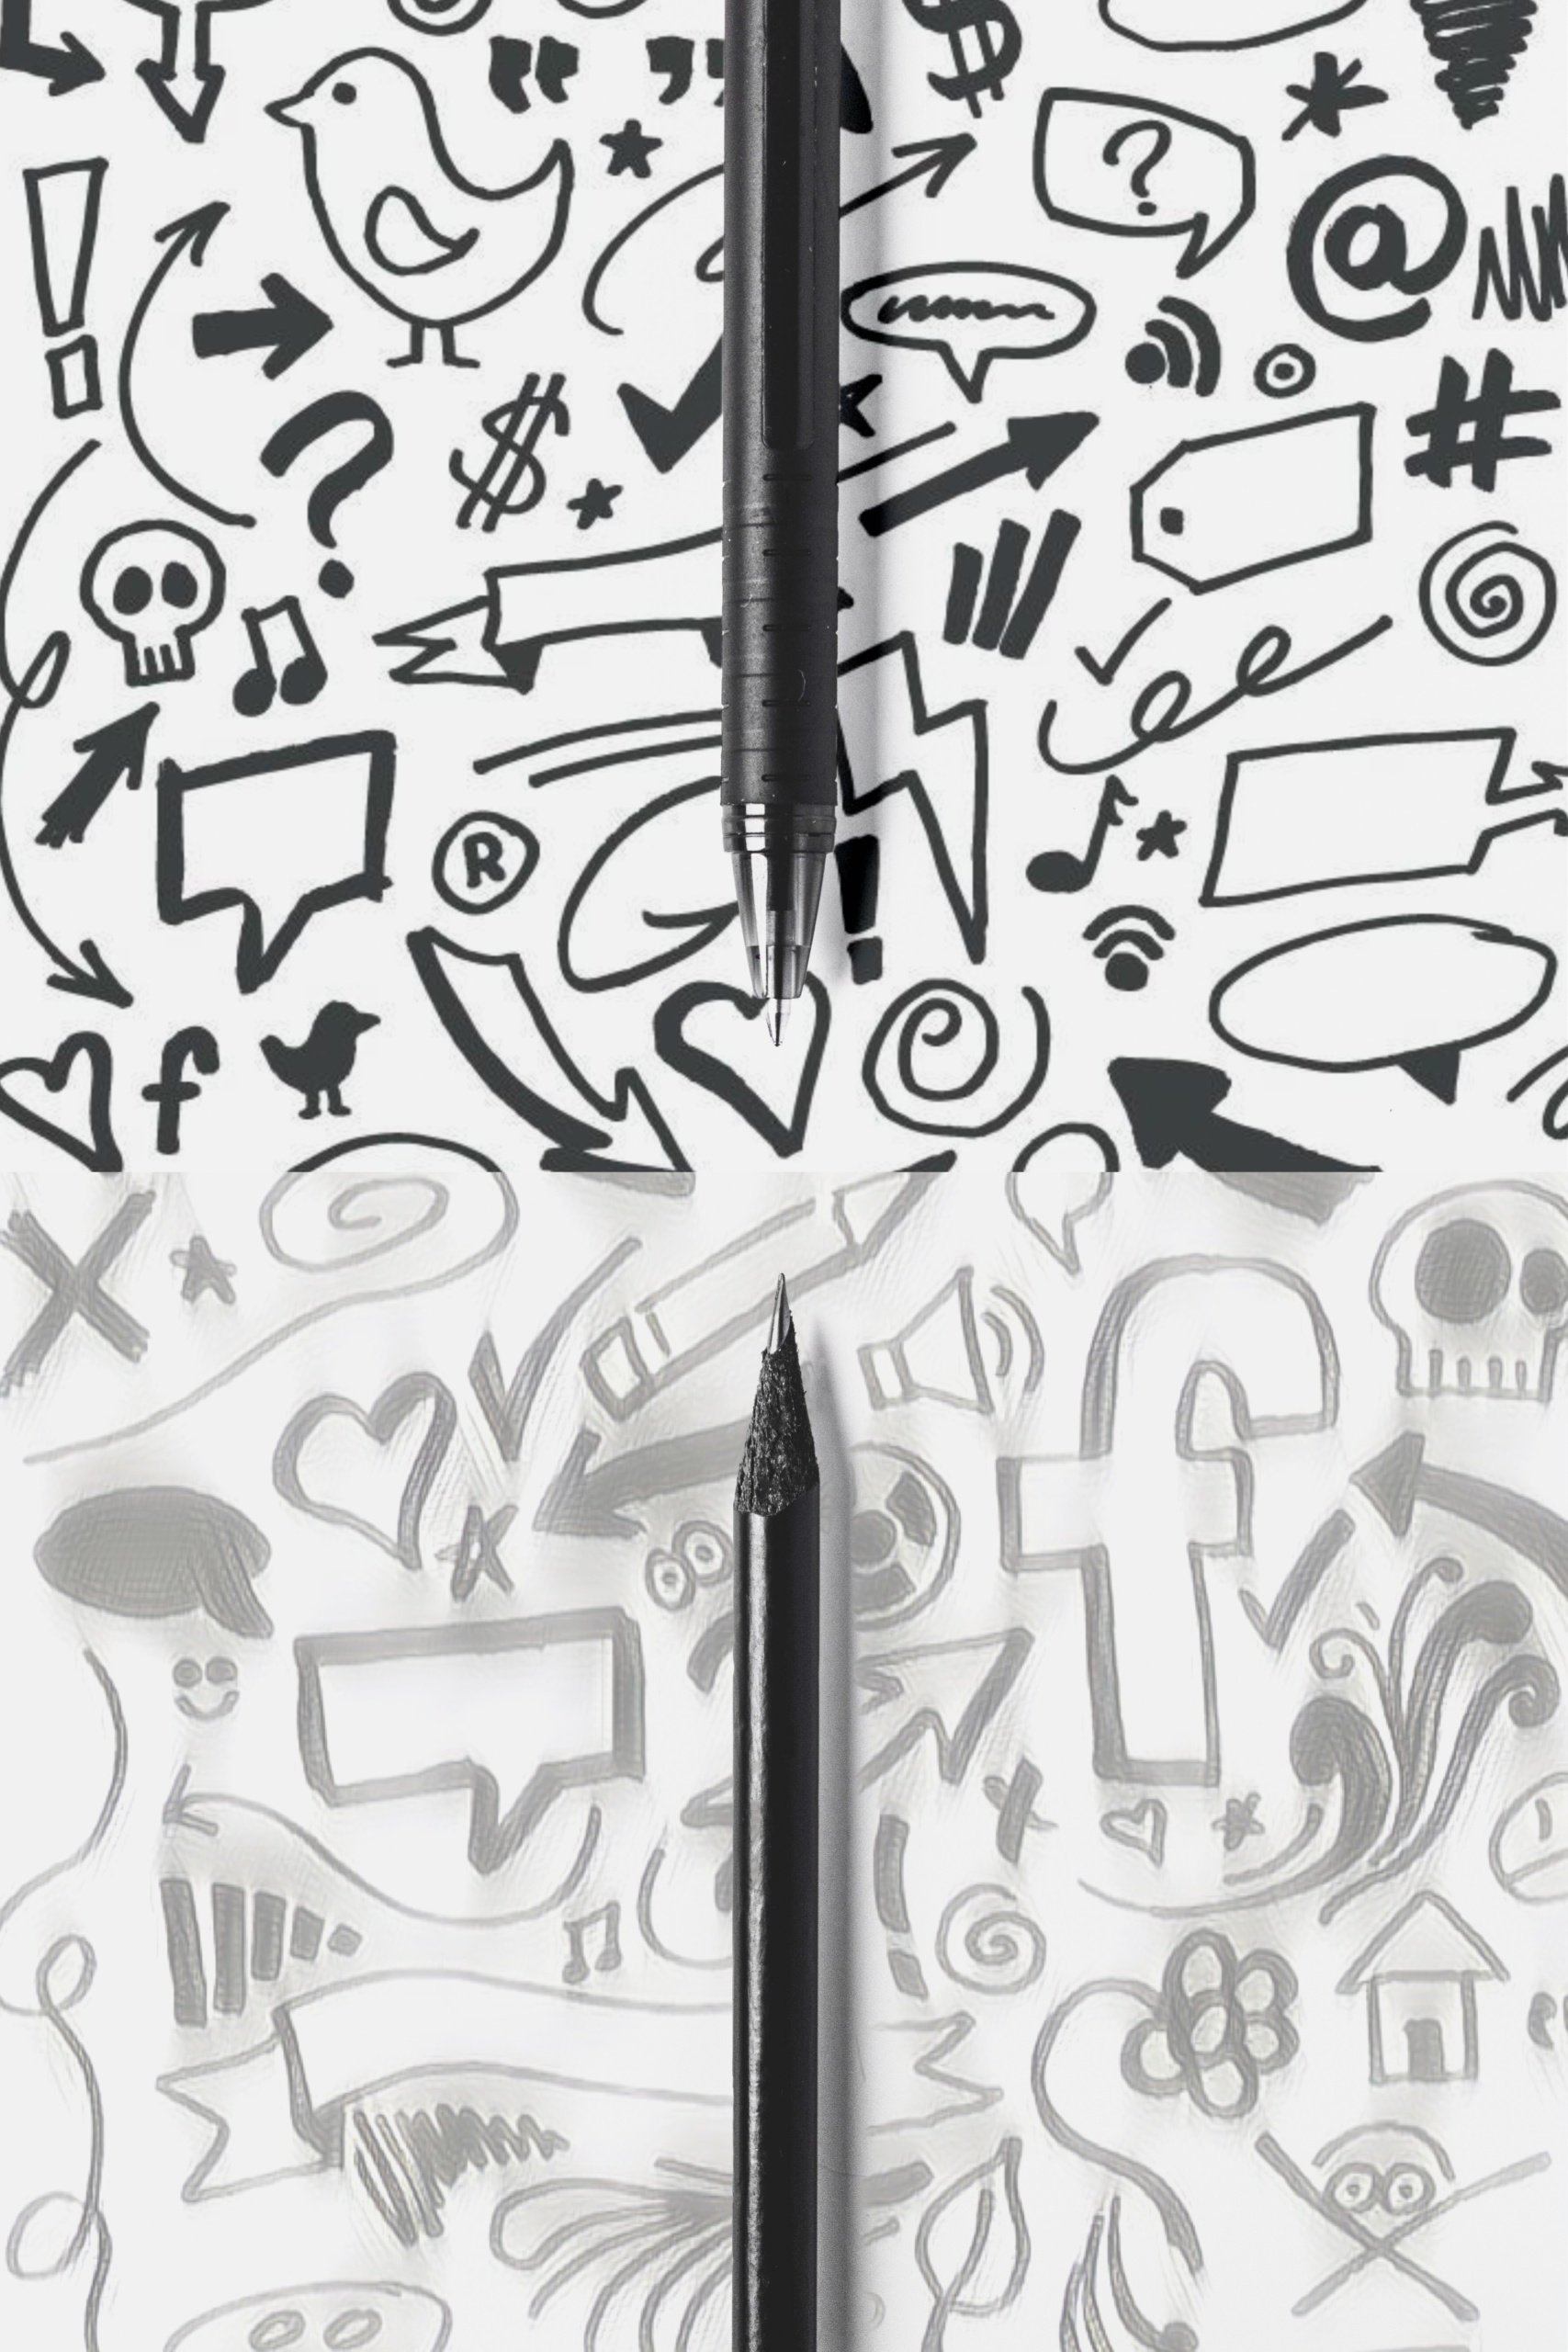 penna a sfera per disegnare